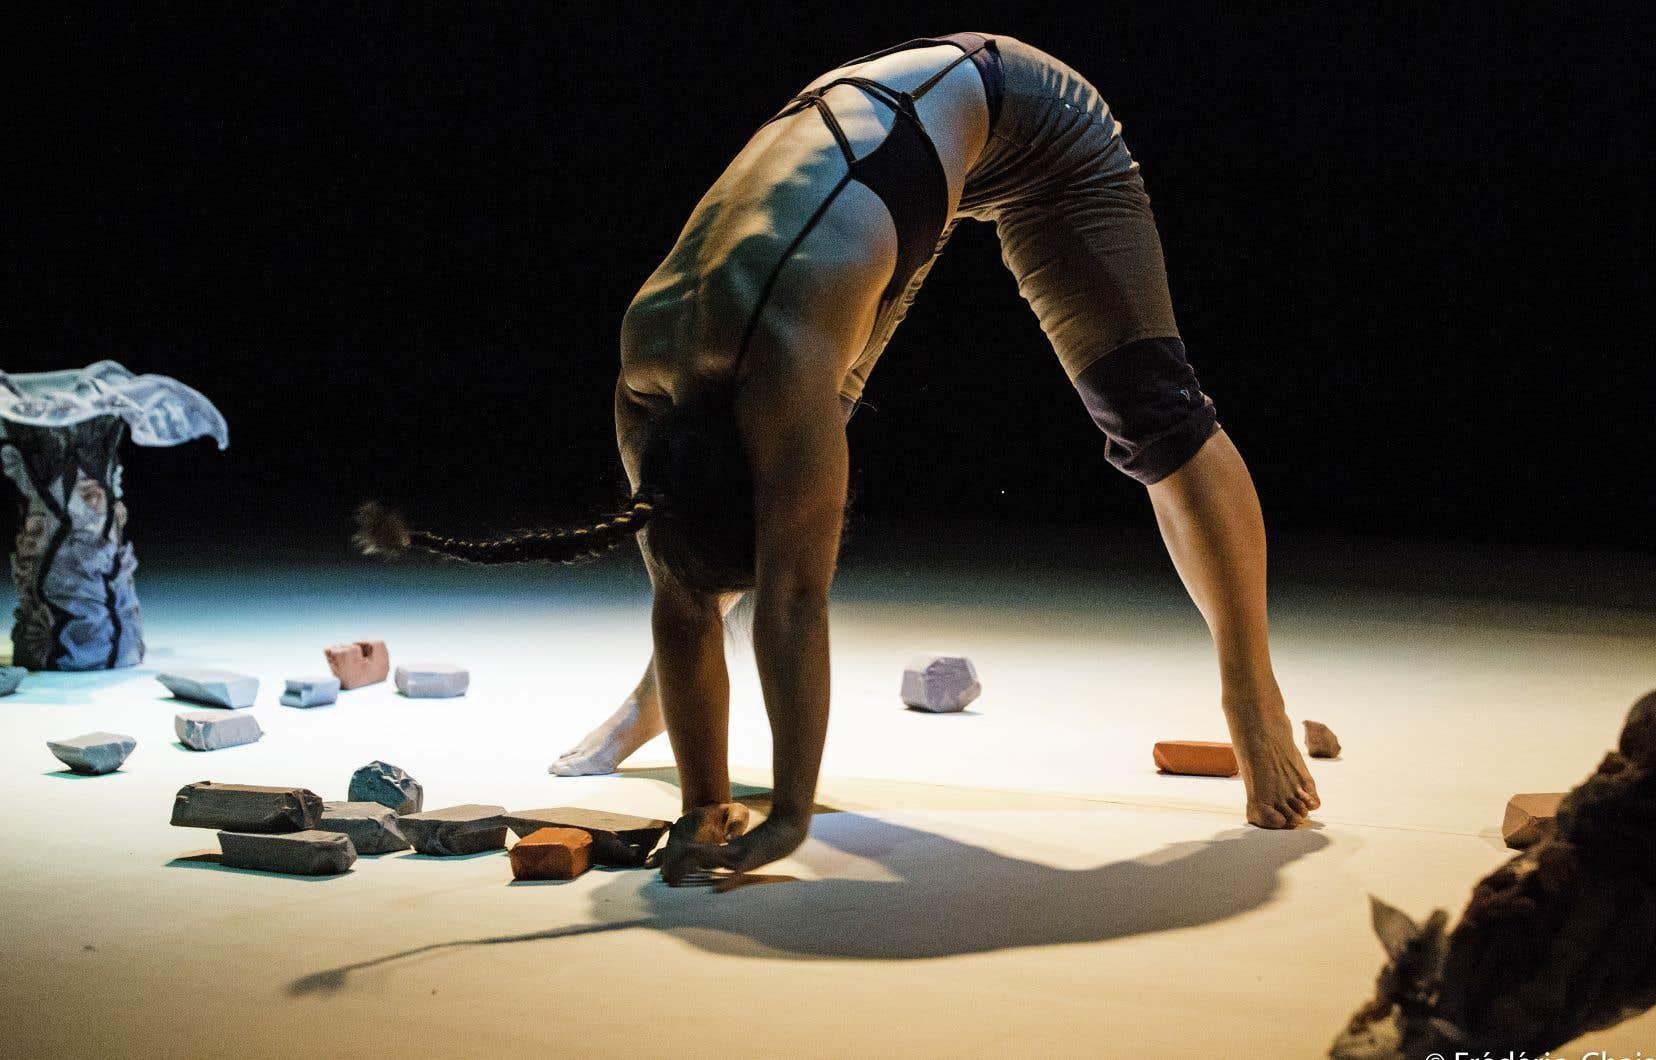 Bailey Engcheminera d'une sculpture à l'autre, laissant voir seulement le travail du dos, dans une posture symbolique de l'animalité.